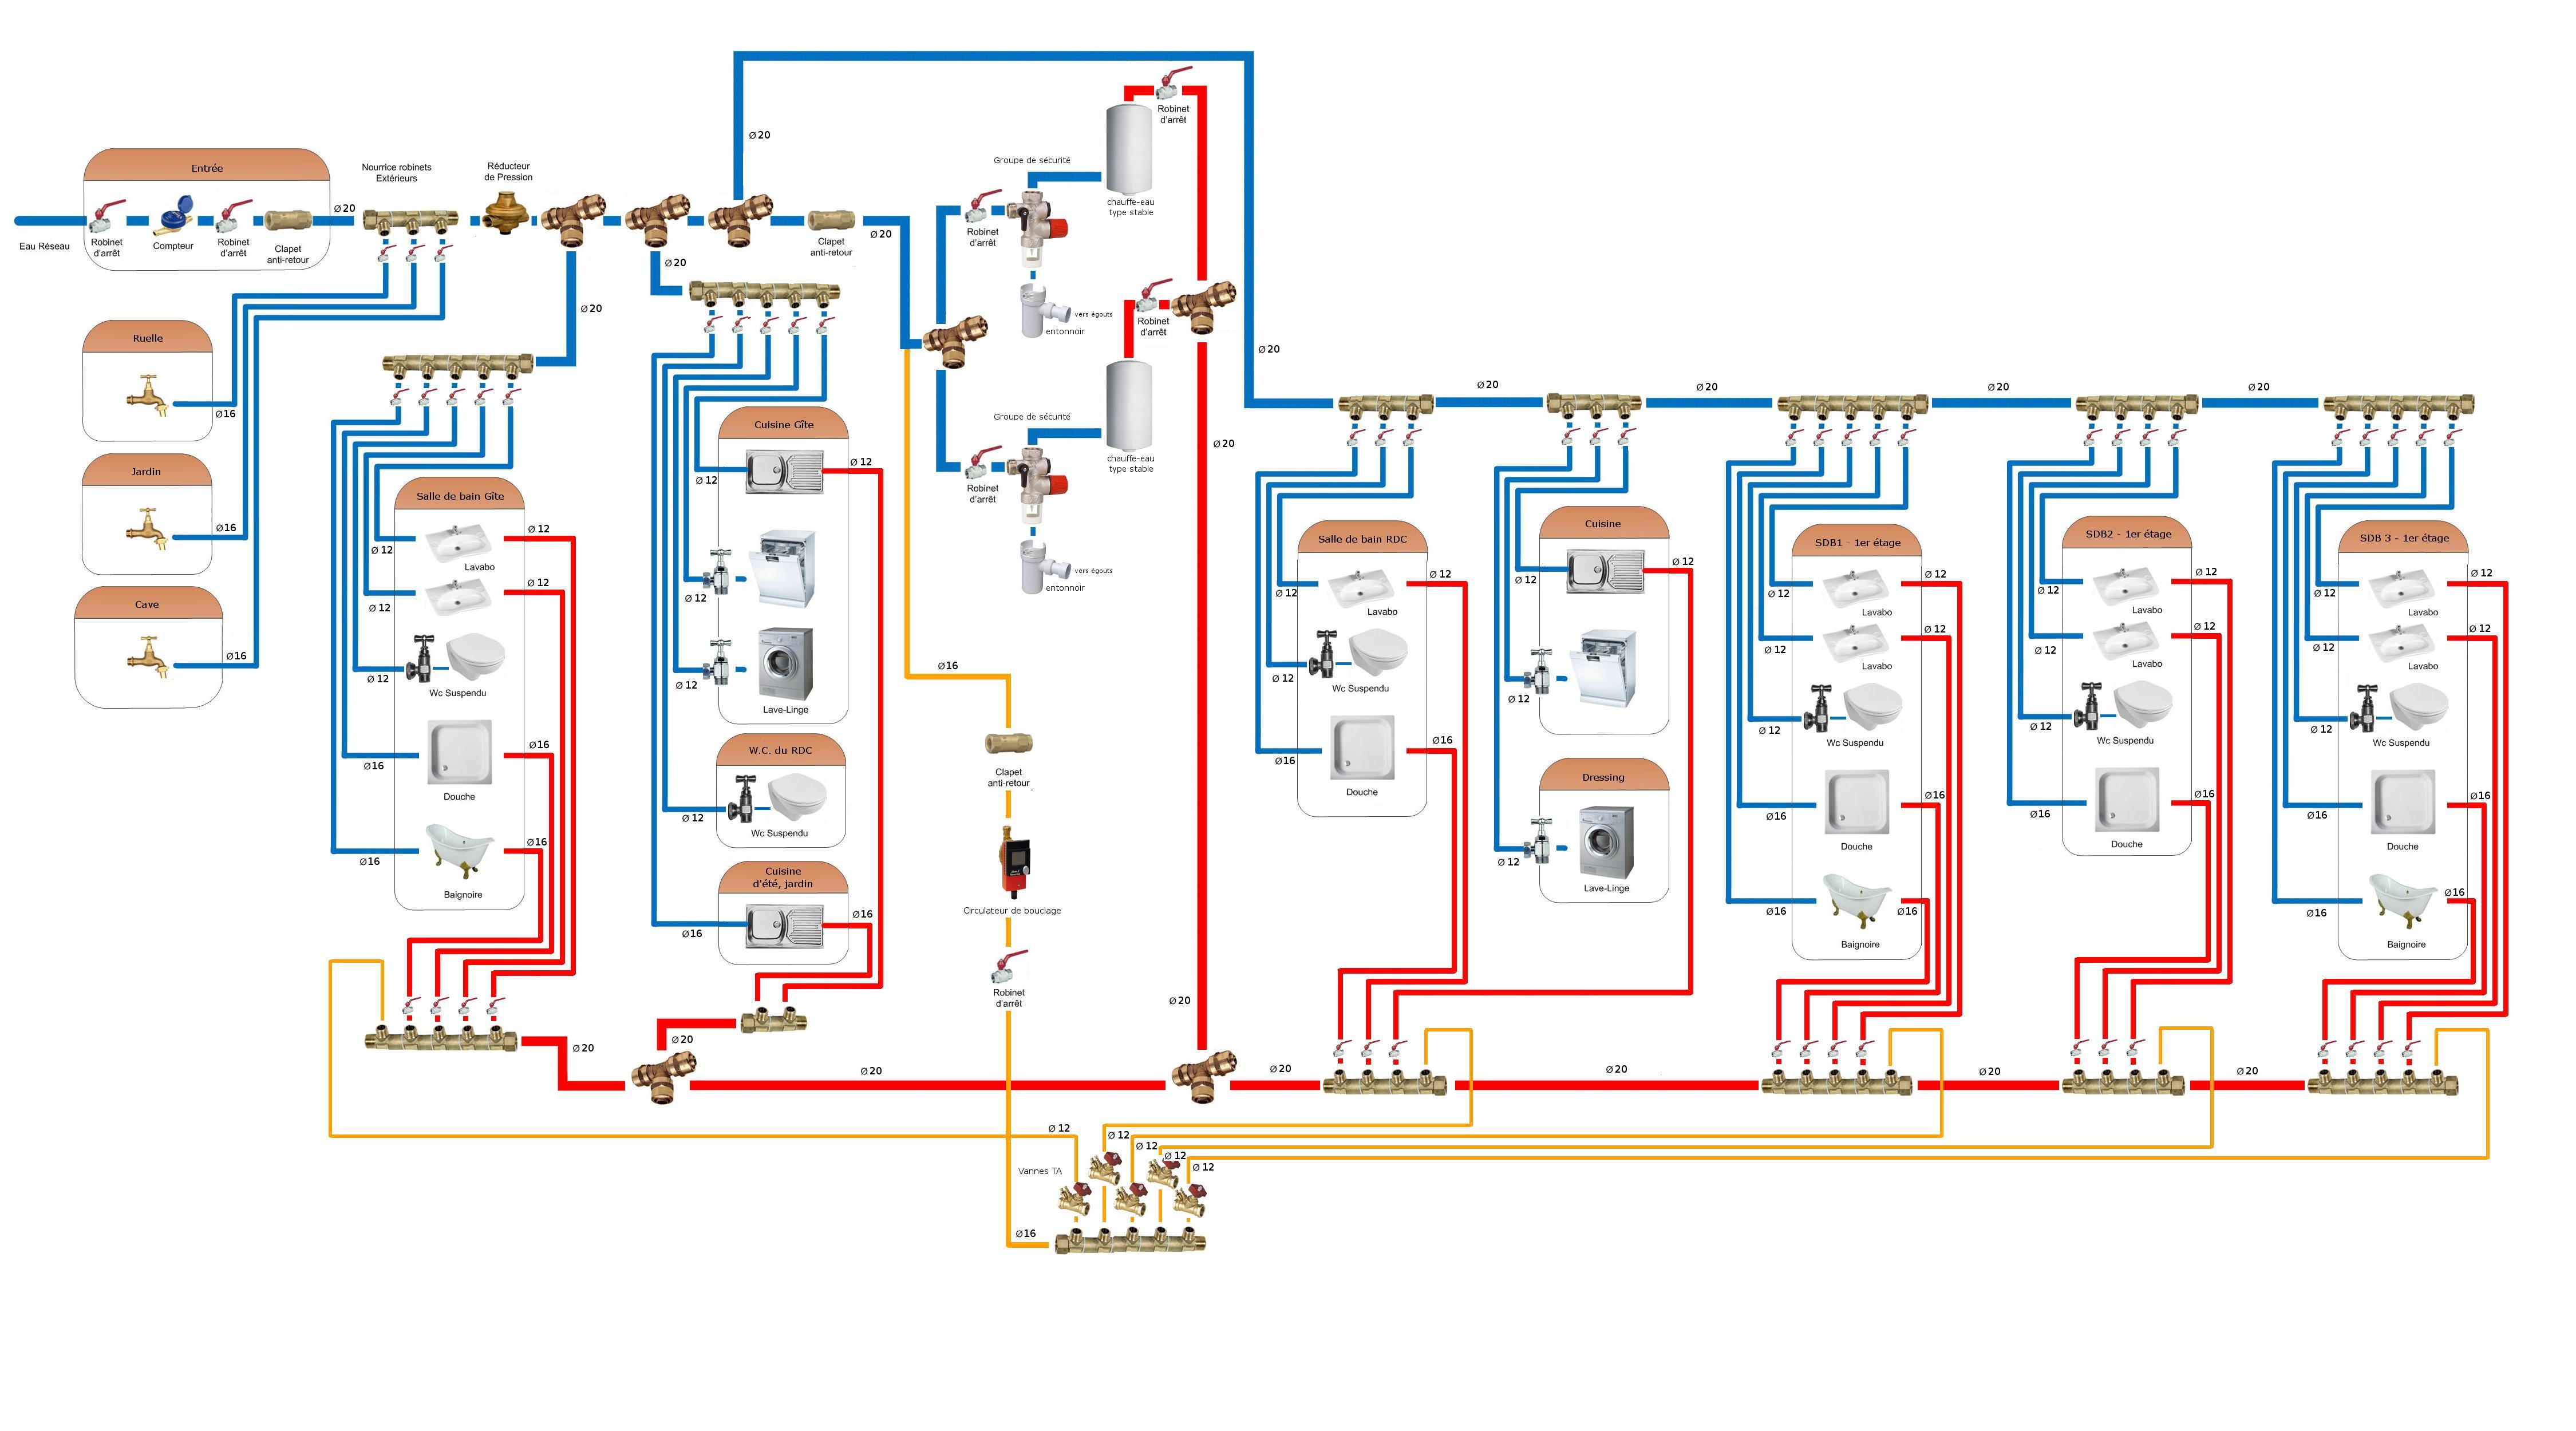 Bonjour je vous expose mes plans de plomberie de ma maison en cours de renovation toute la plomberie reste a faire je me demande si ces plans